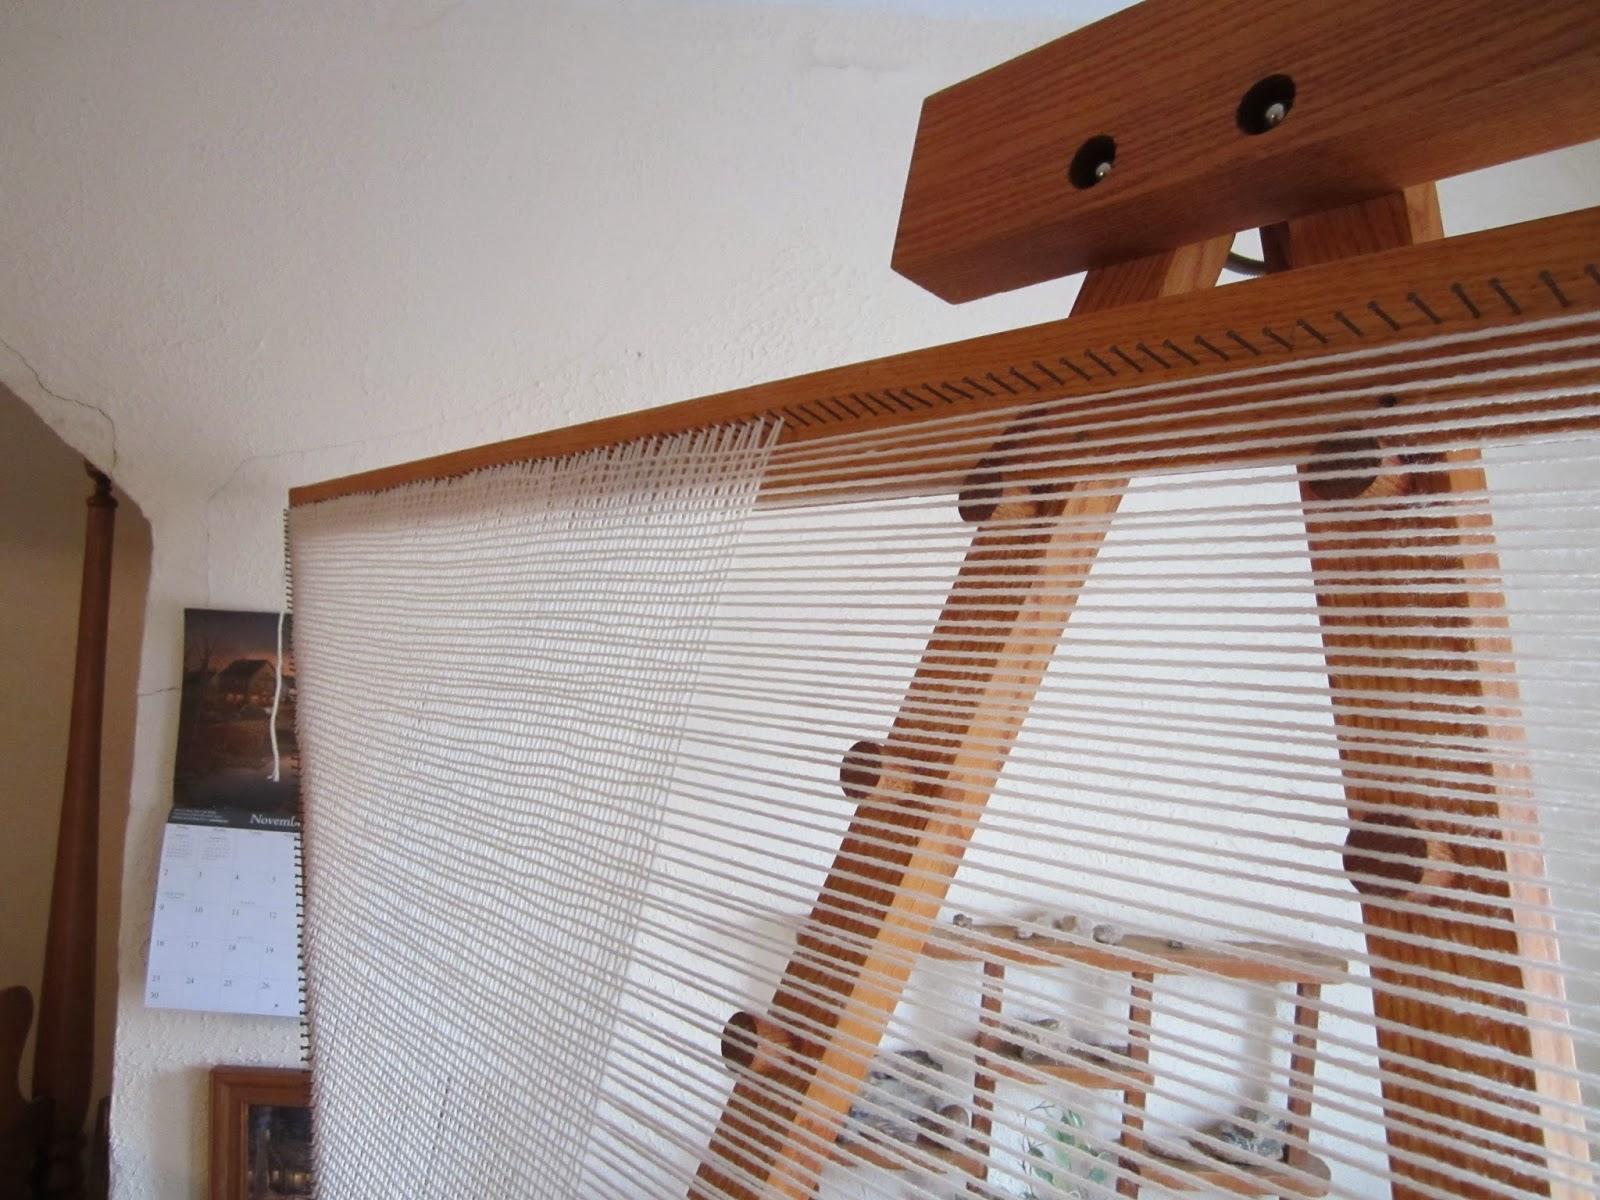 http://www.hillcreekfiberstudio.com/Tri-looms.html